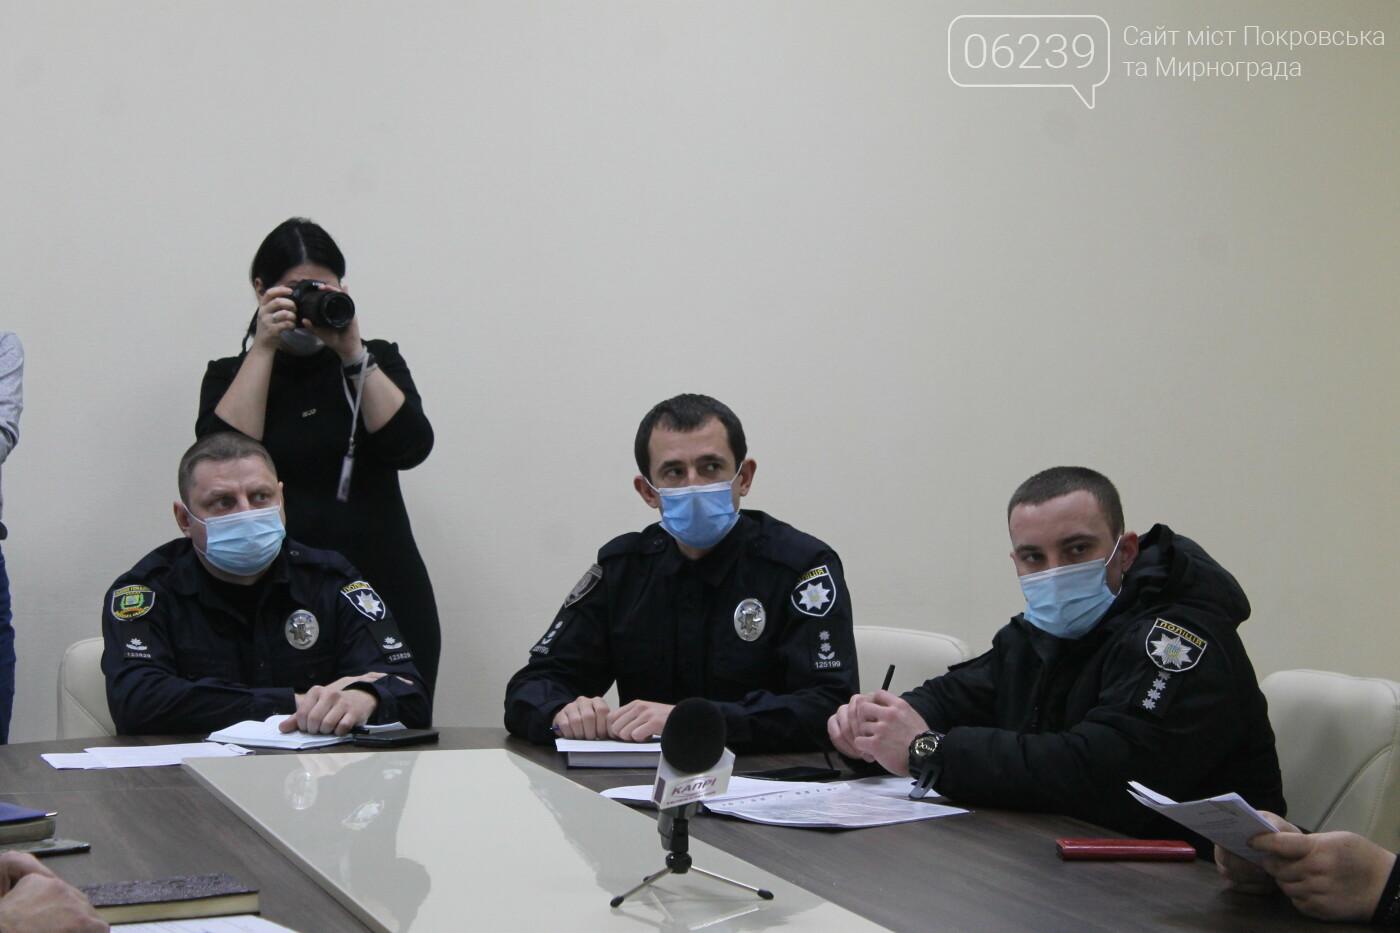 Локдаун в Покровске: что изменится для горожан с 8 января?, фото-10